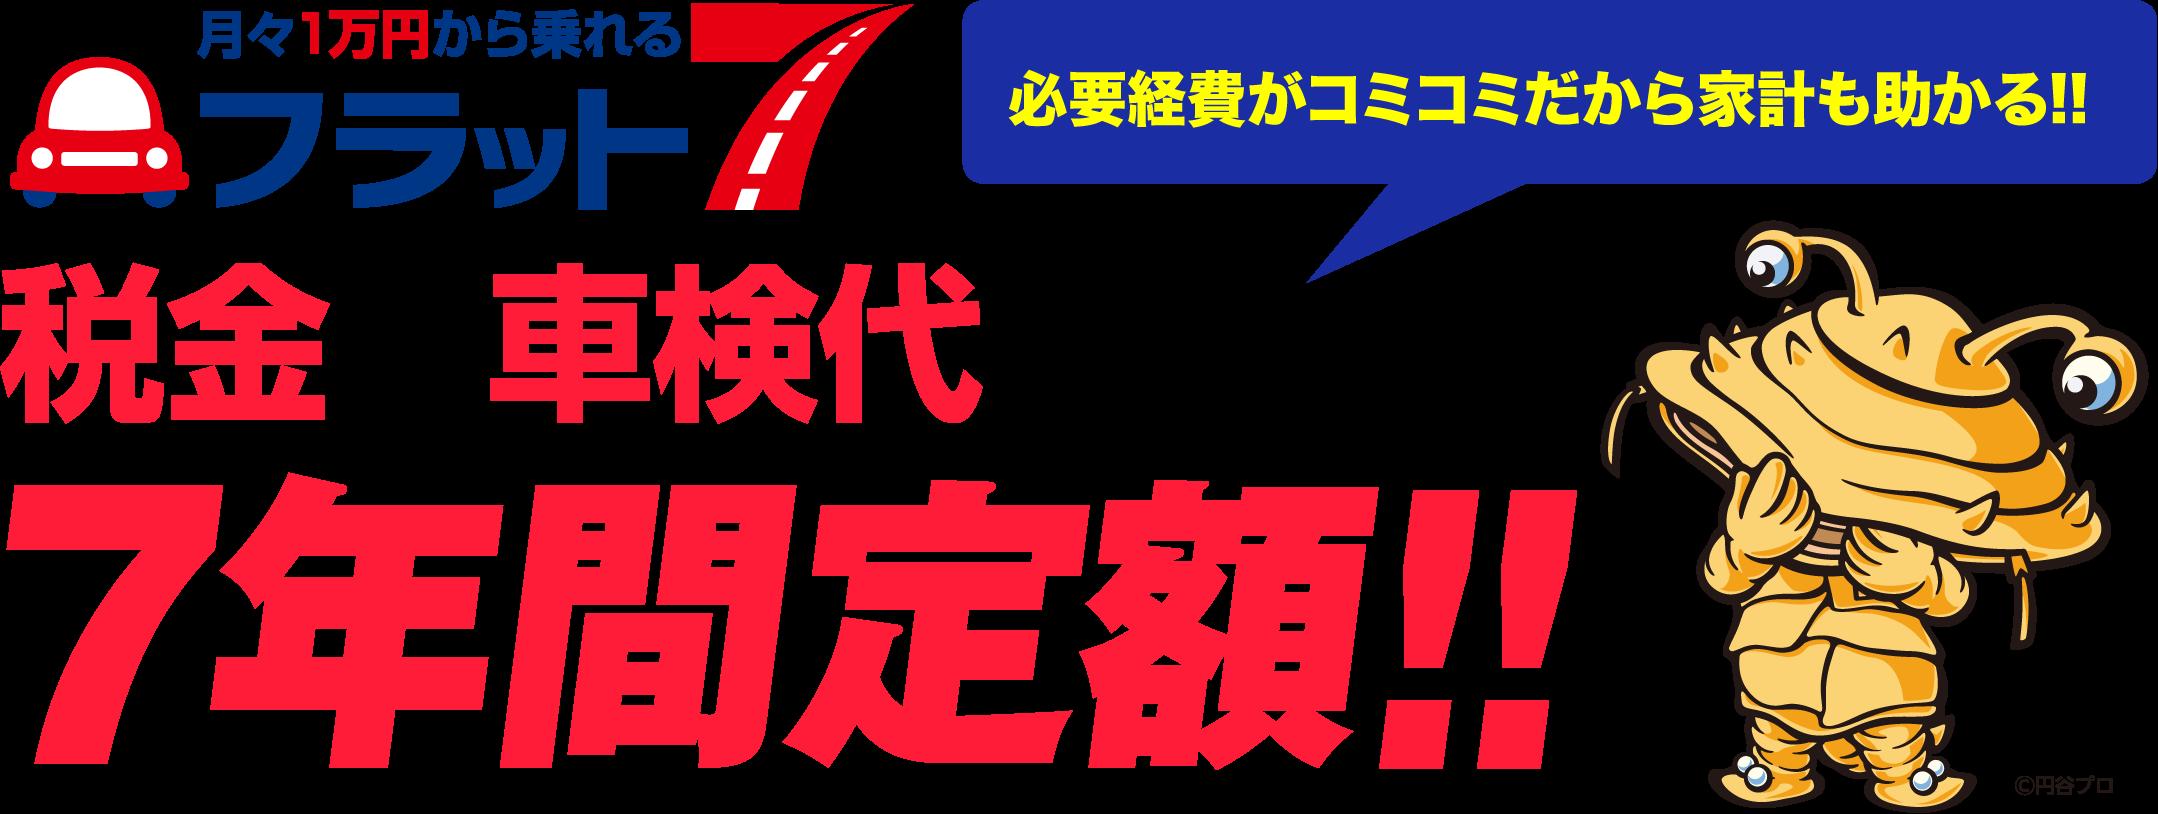 税金も車検代も入って7年間定額|フラット7オニキス札幌店